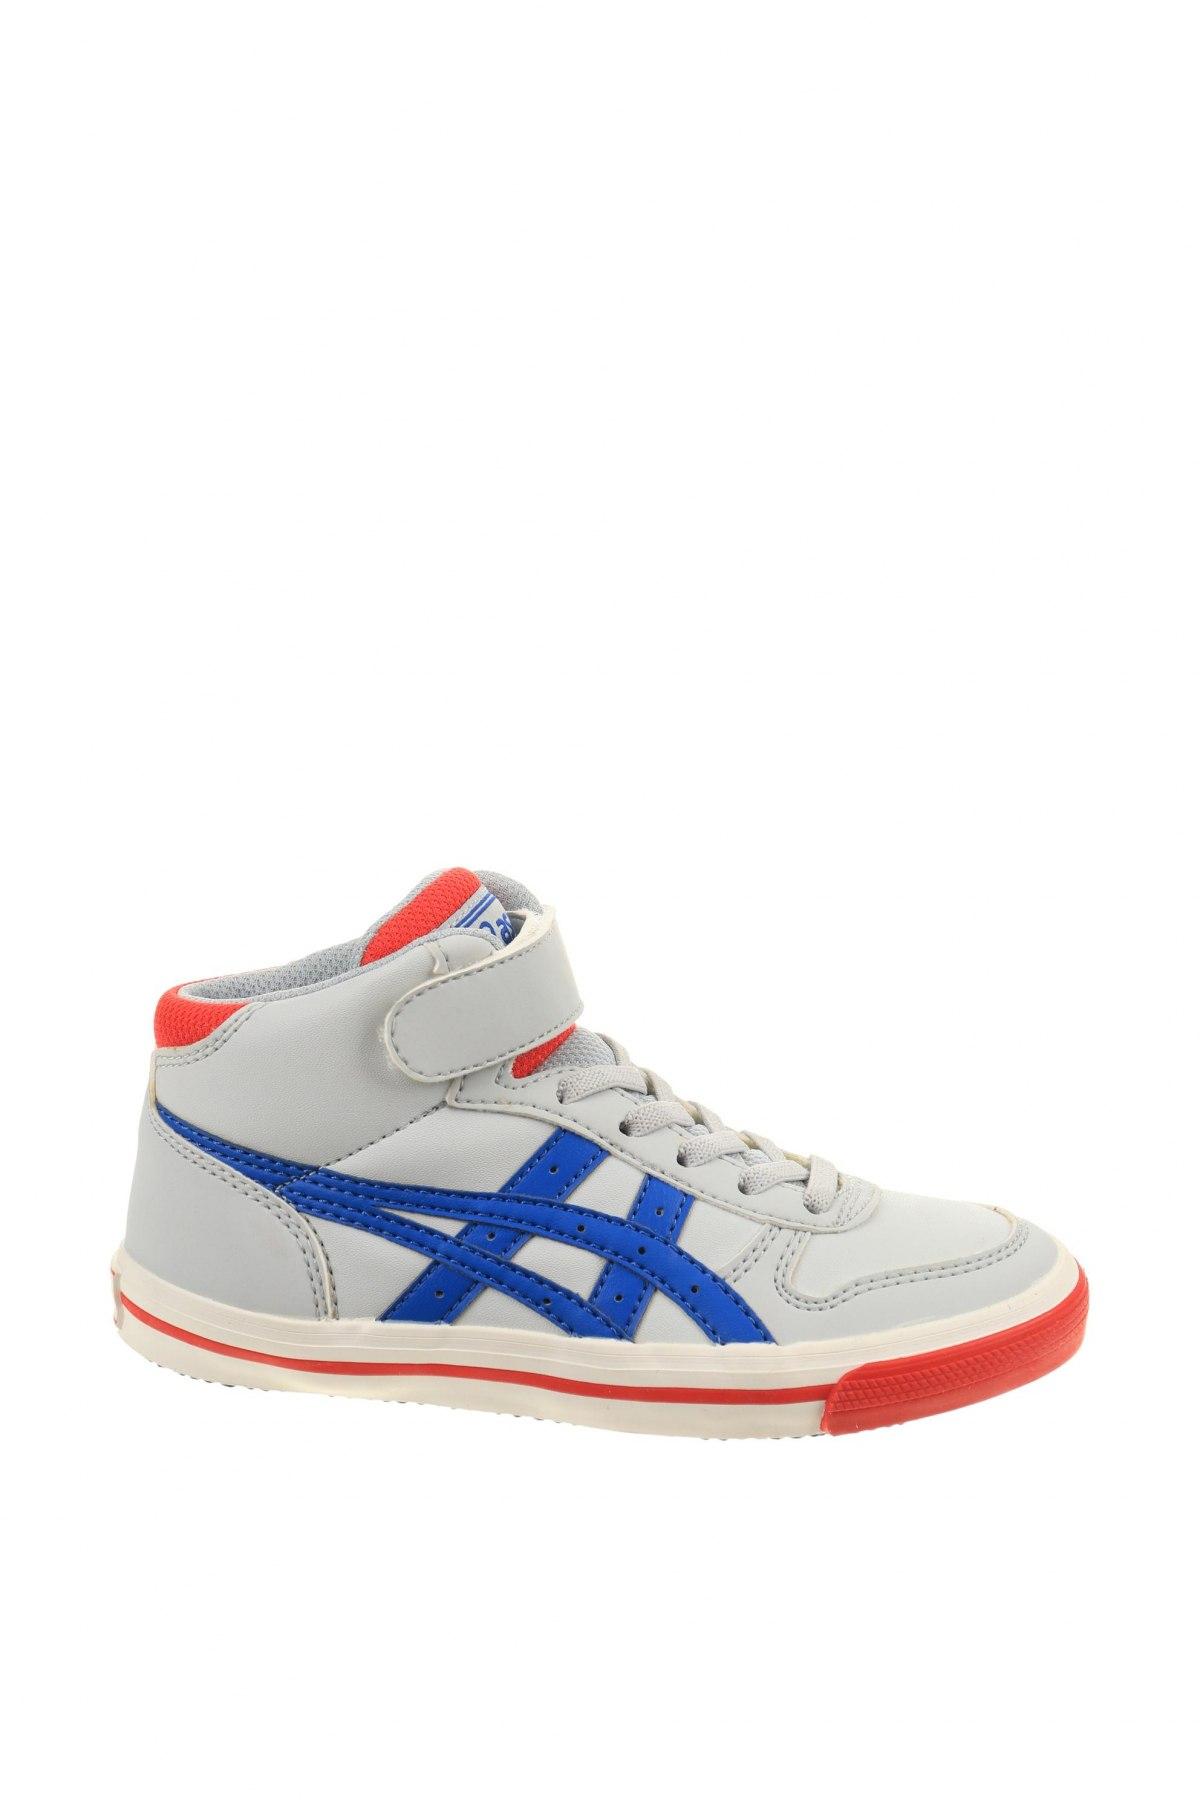 Παιδικά παπούτσια ASICS, Μέγεθος 31, Χρώμα Γκρί, Δερματίνη, Τιμή 32,51€